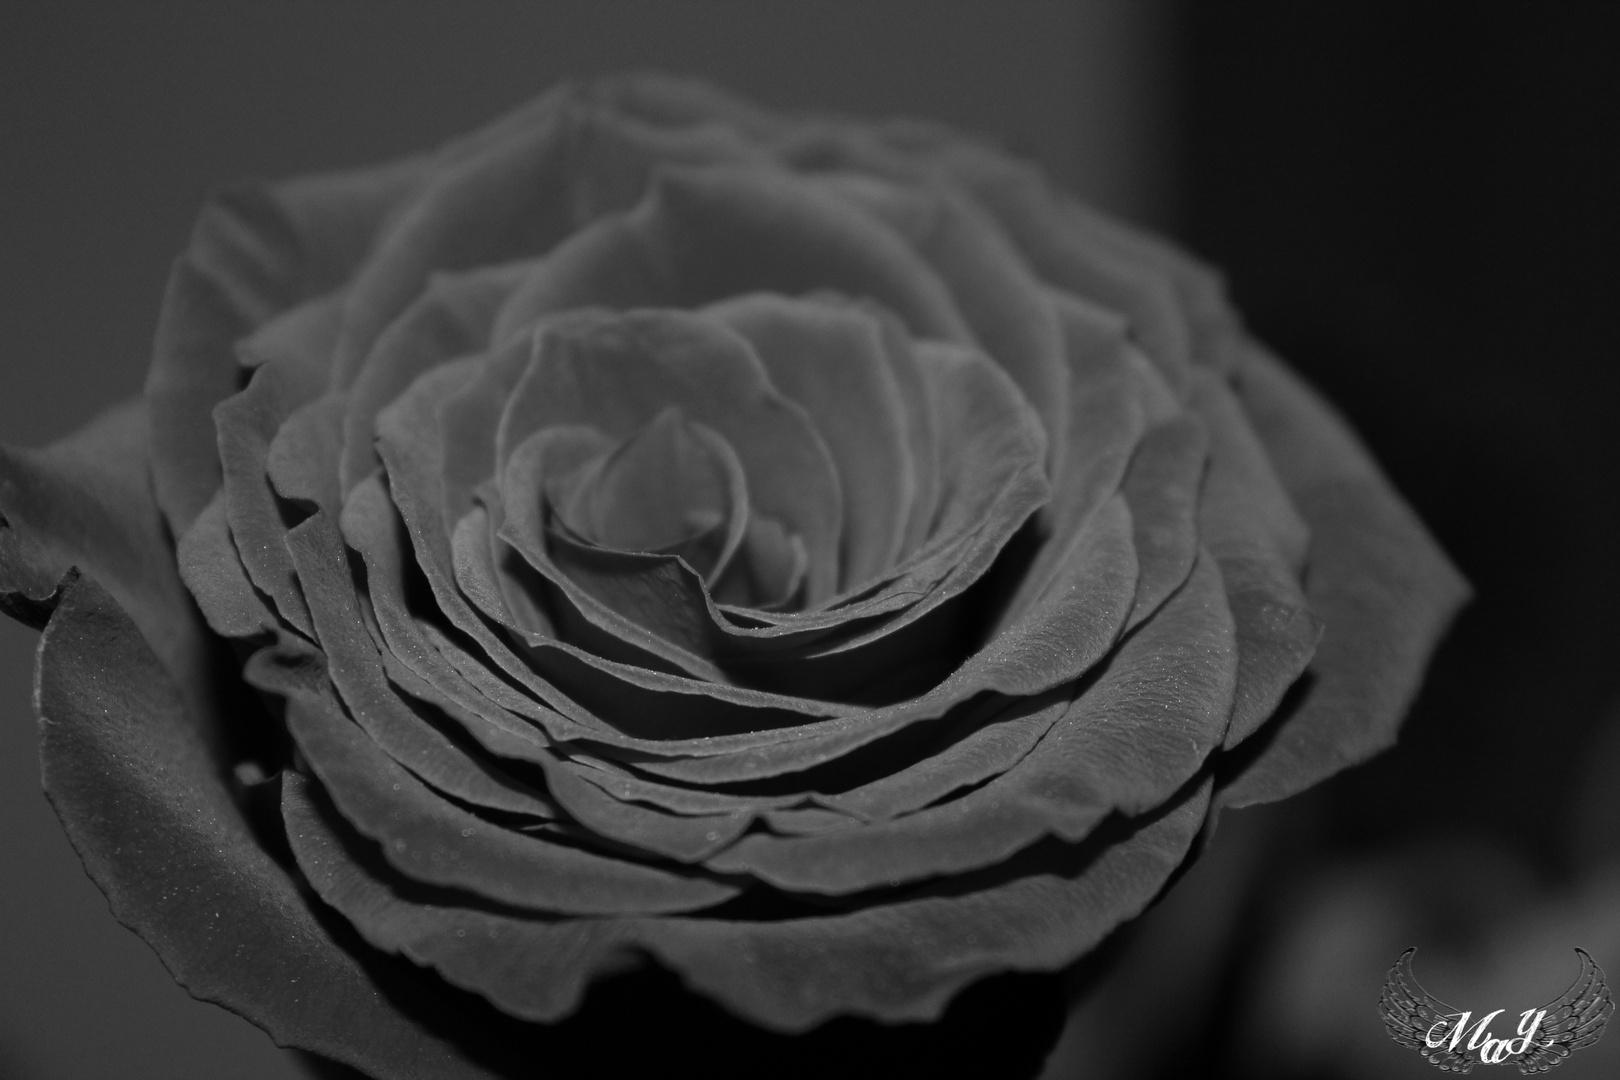 Die feine Haut einer Rose